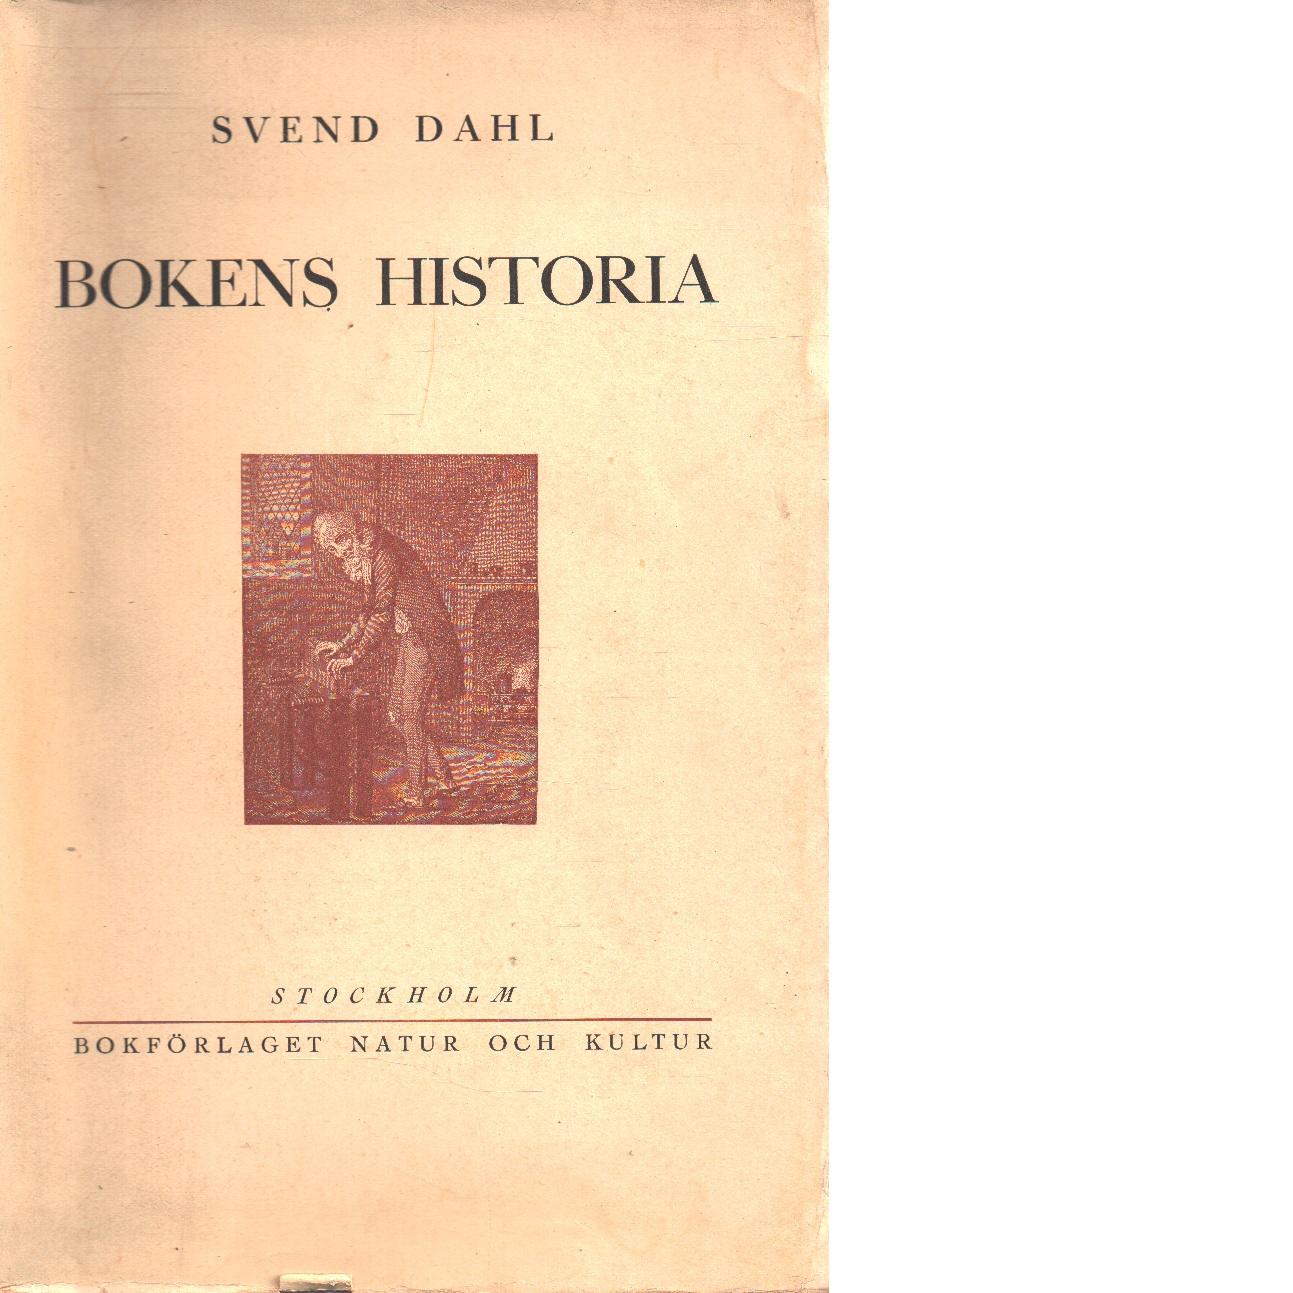 Bokens historia - Dahl, Svend